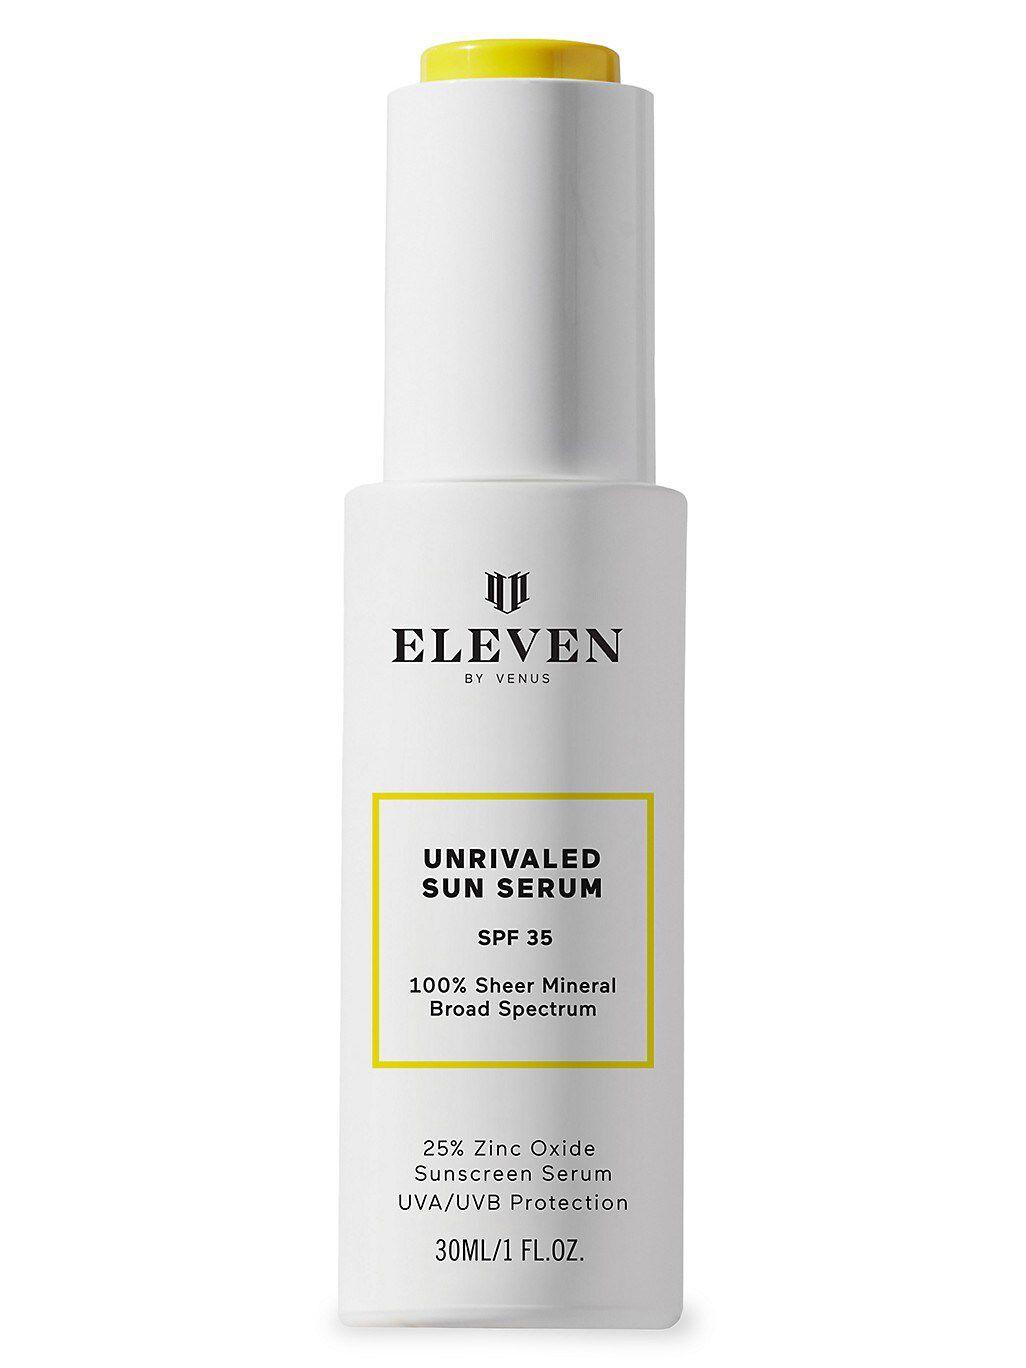 EleVen by Venus Williams Unrivaled Sun Serum SPF 35